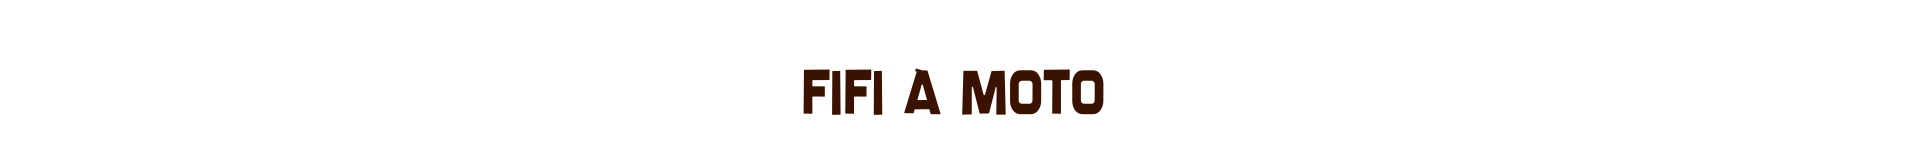 Fifi à Moto